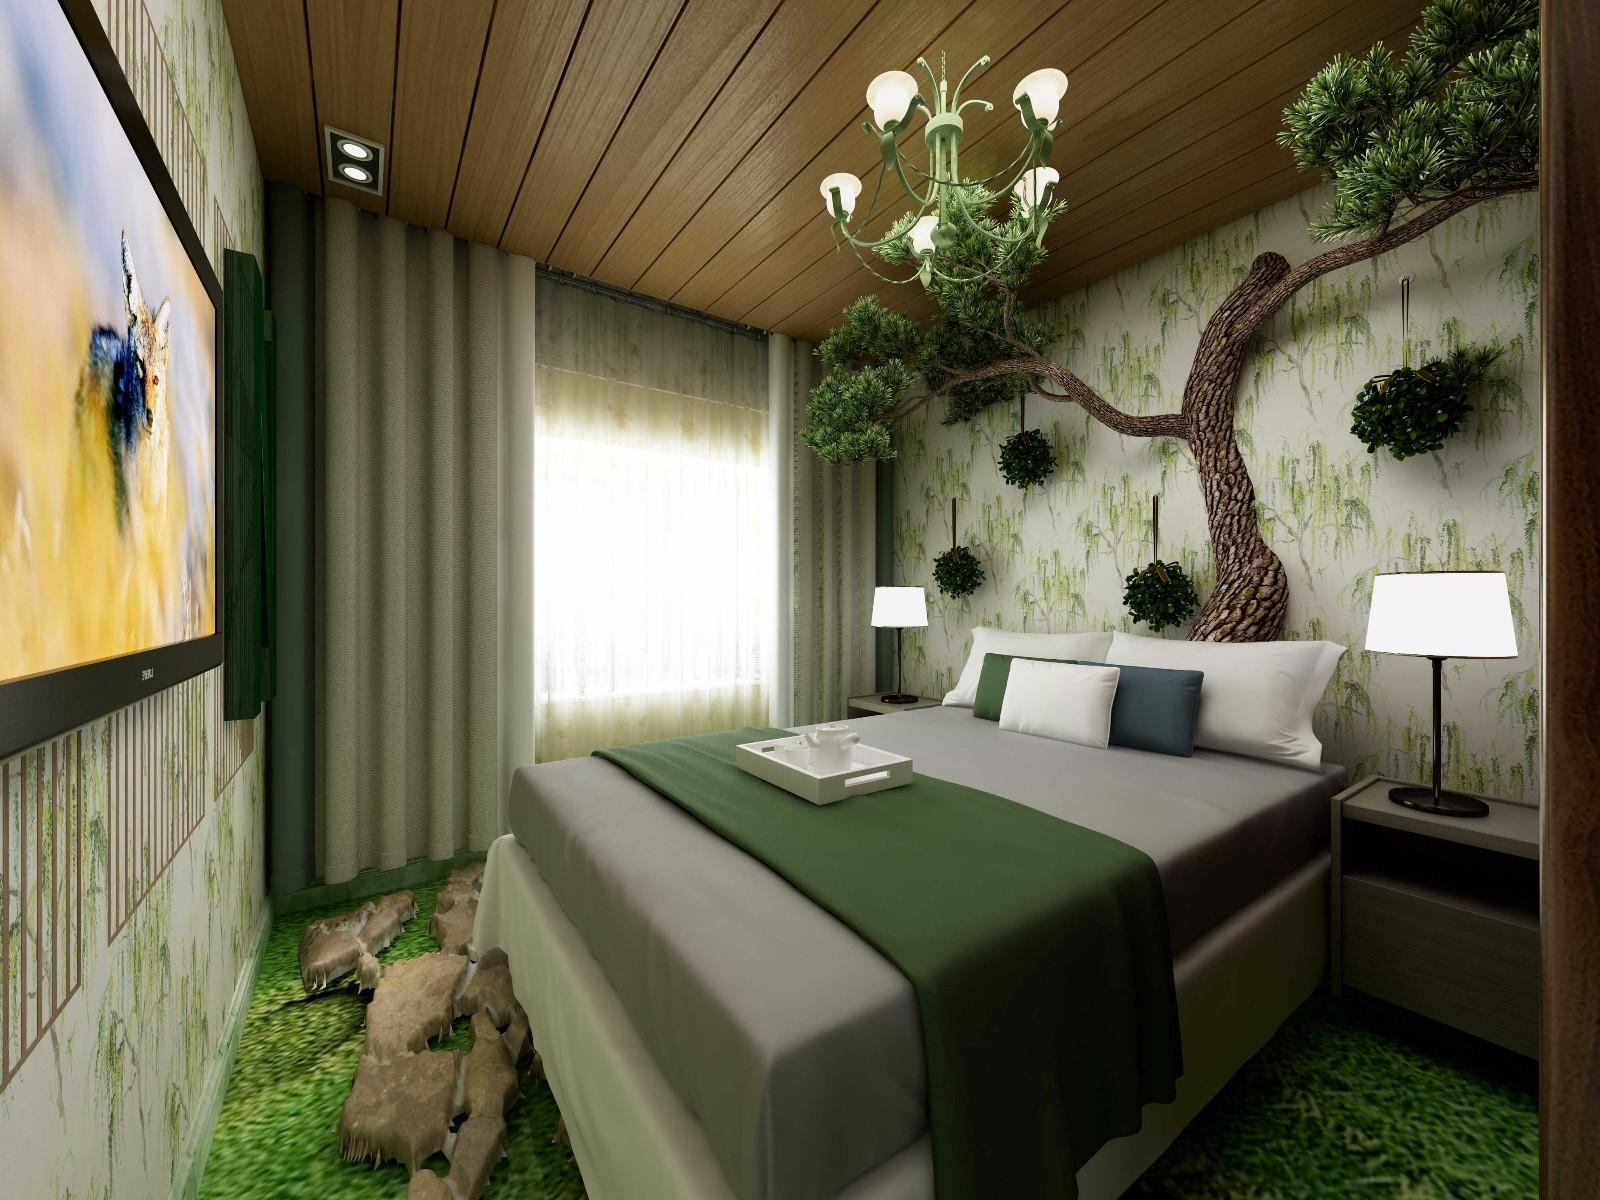 装修效果图,82方混搭森林系装修案例效果图-齐家装修网